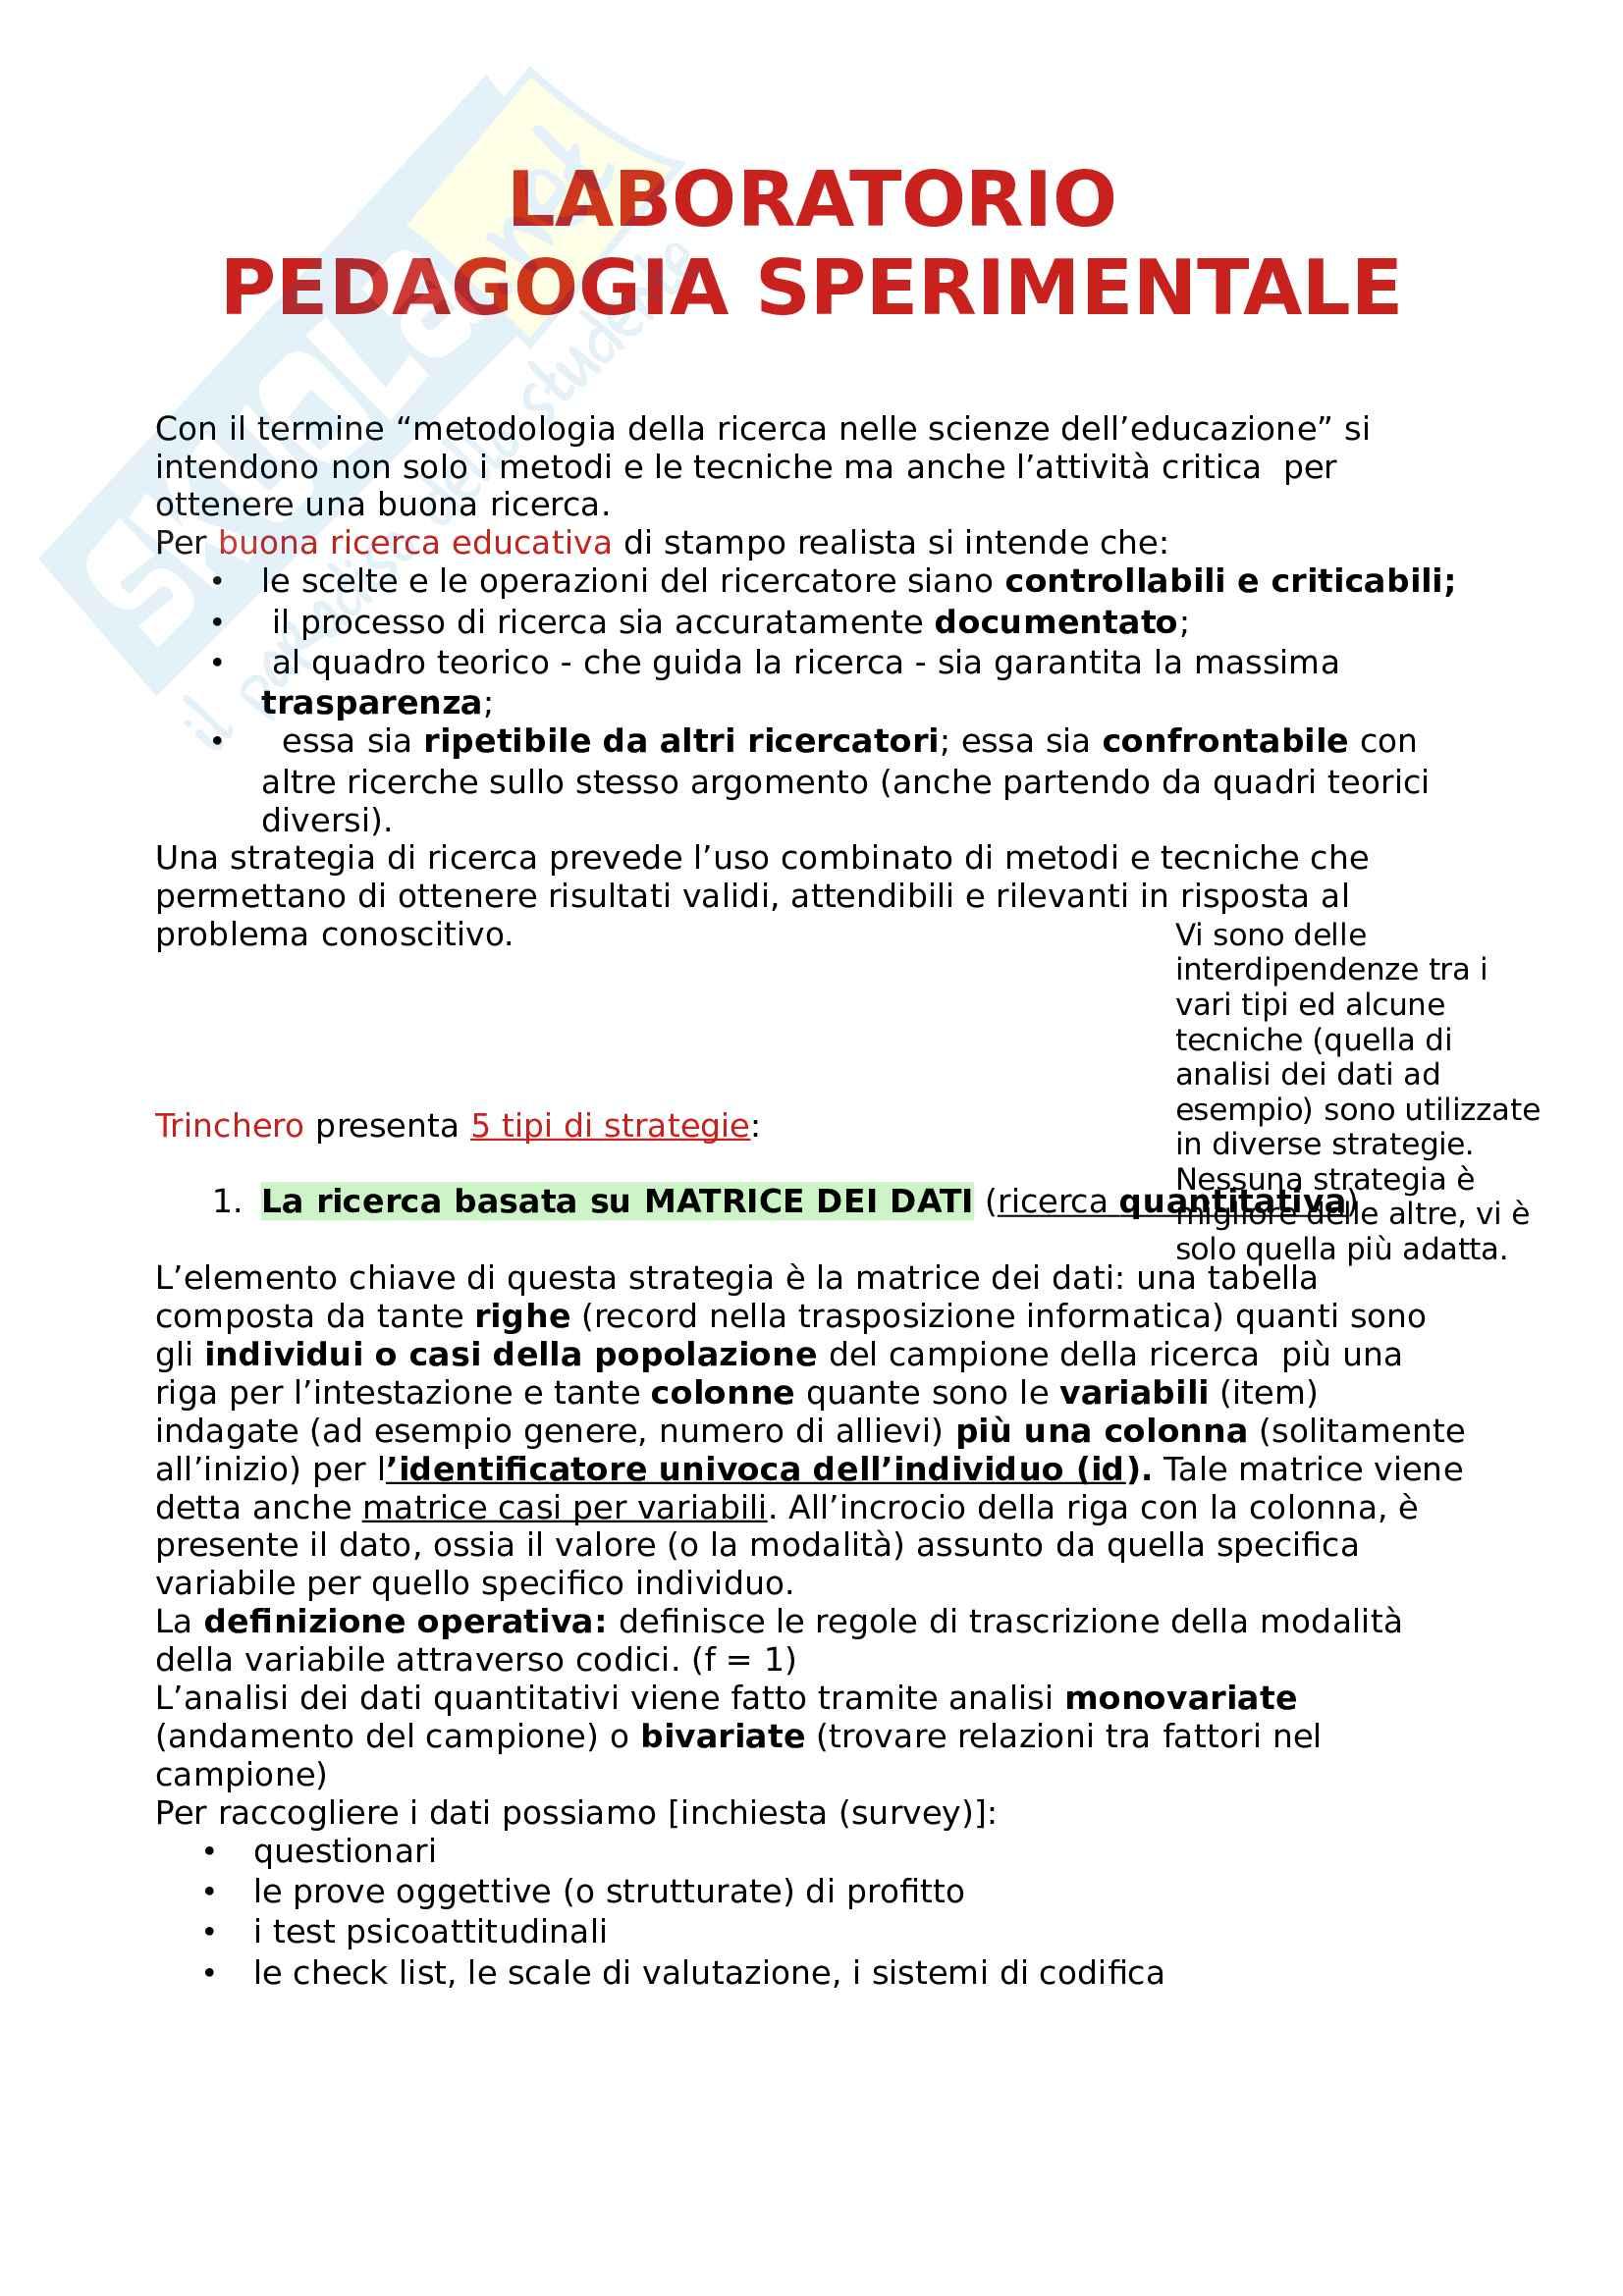 Laboratorio Pedagogia Sperimentale Pag. 1